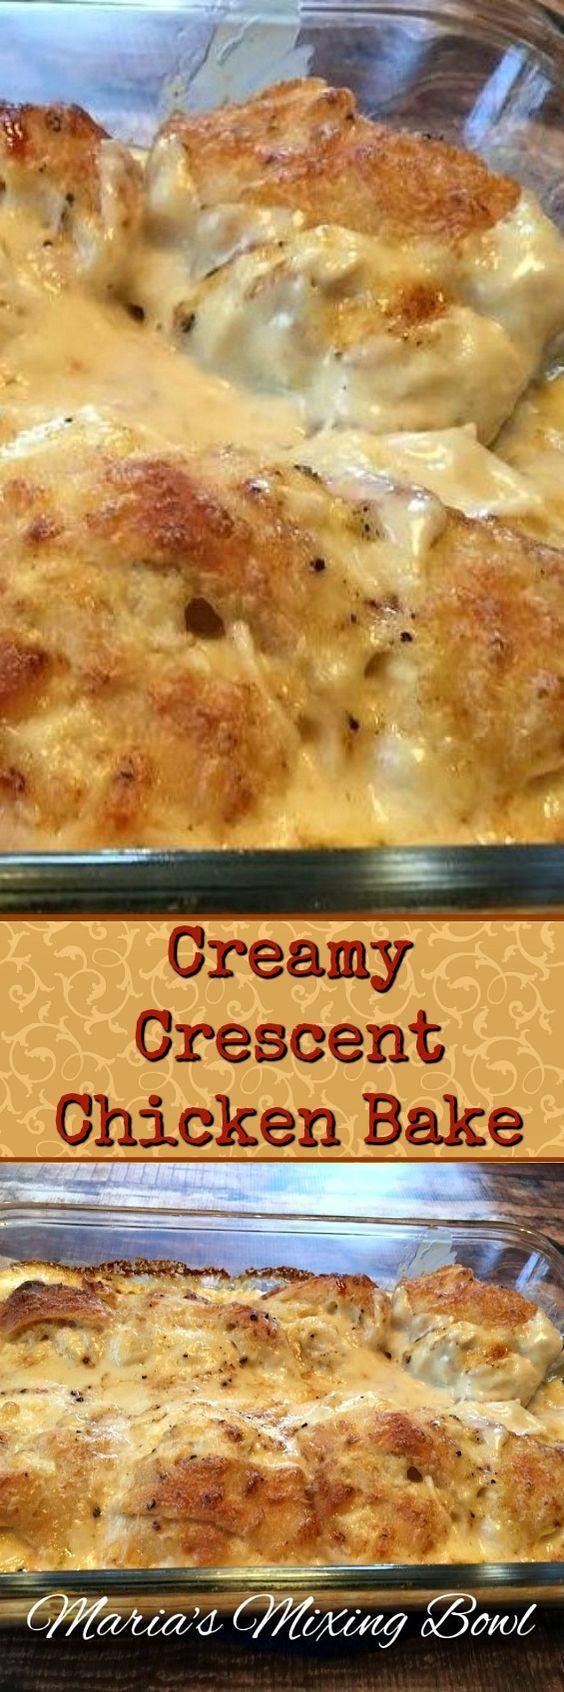 Creamy Crescent Chicken Bake